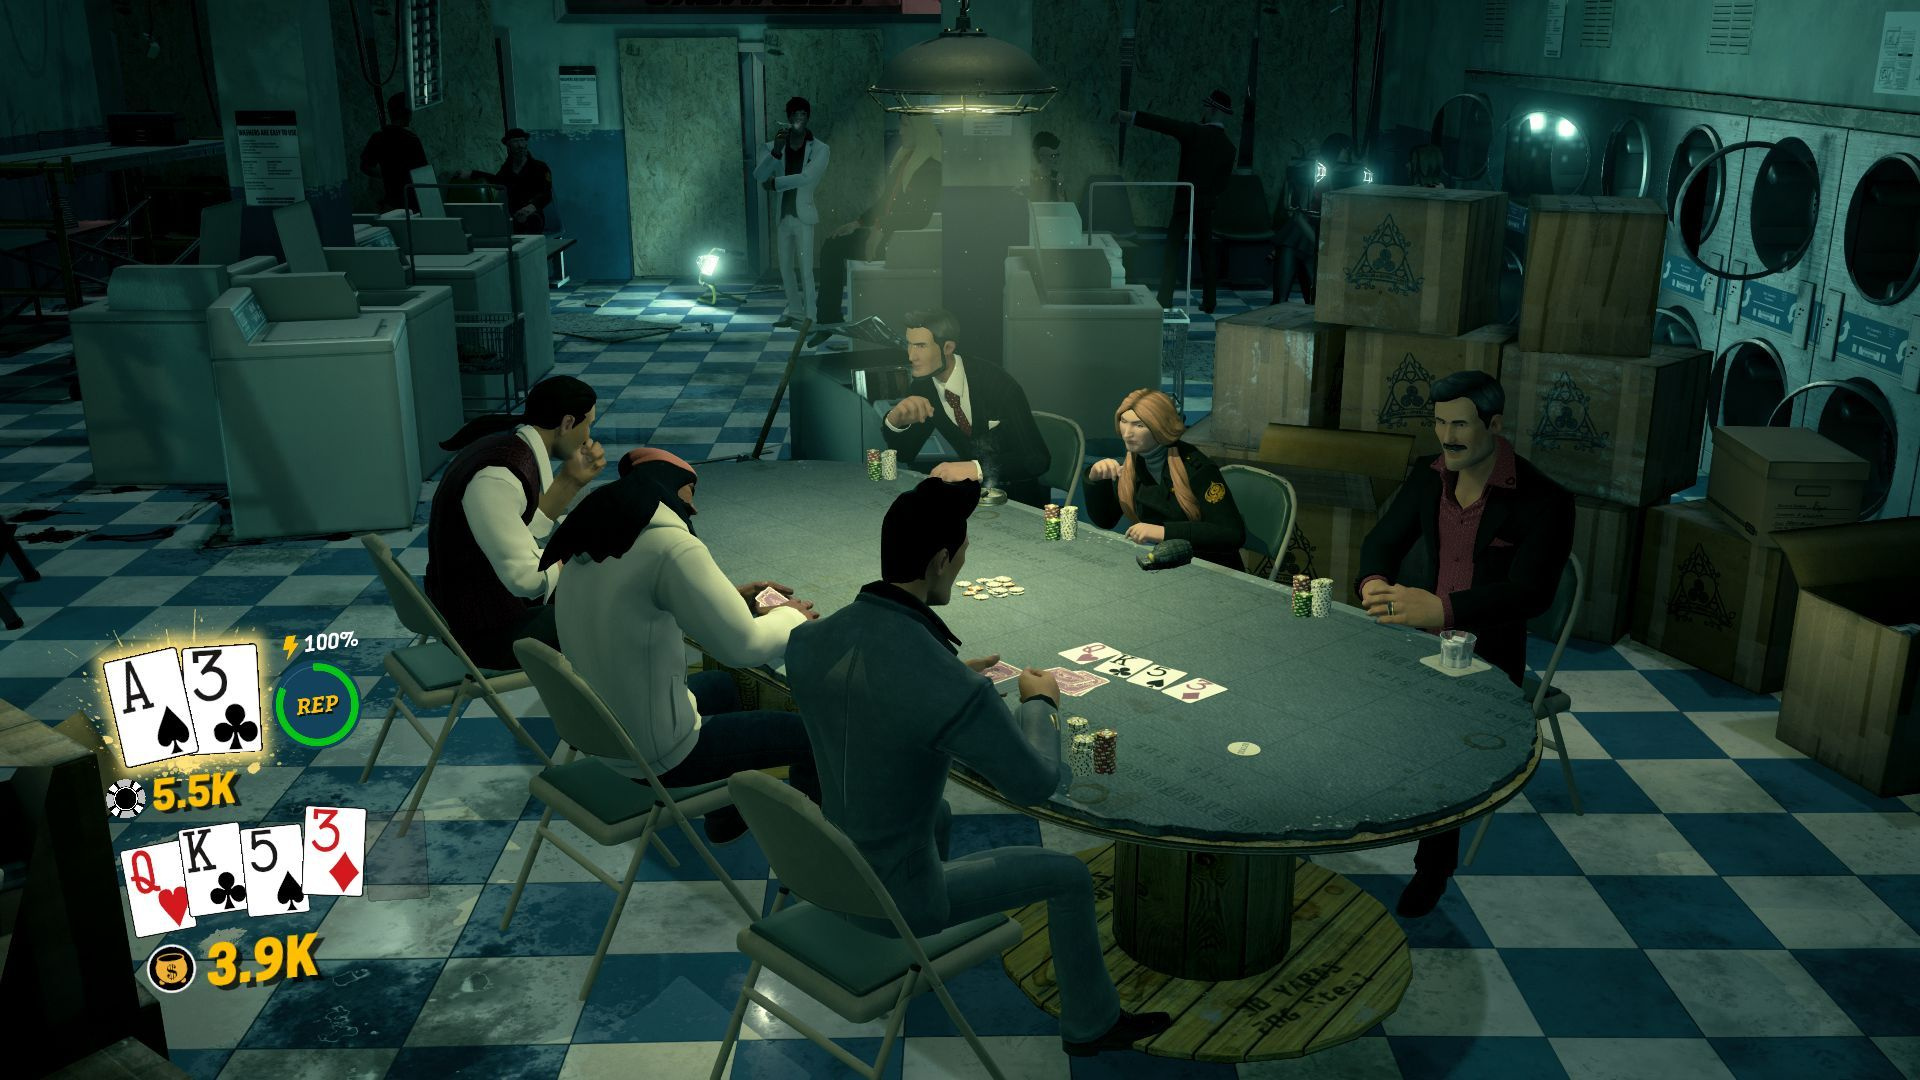 4 poker